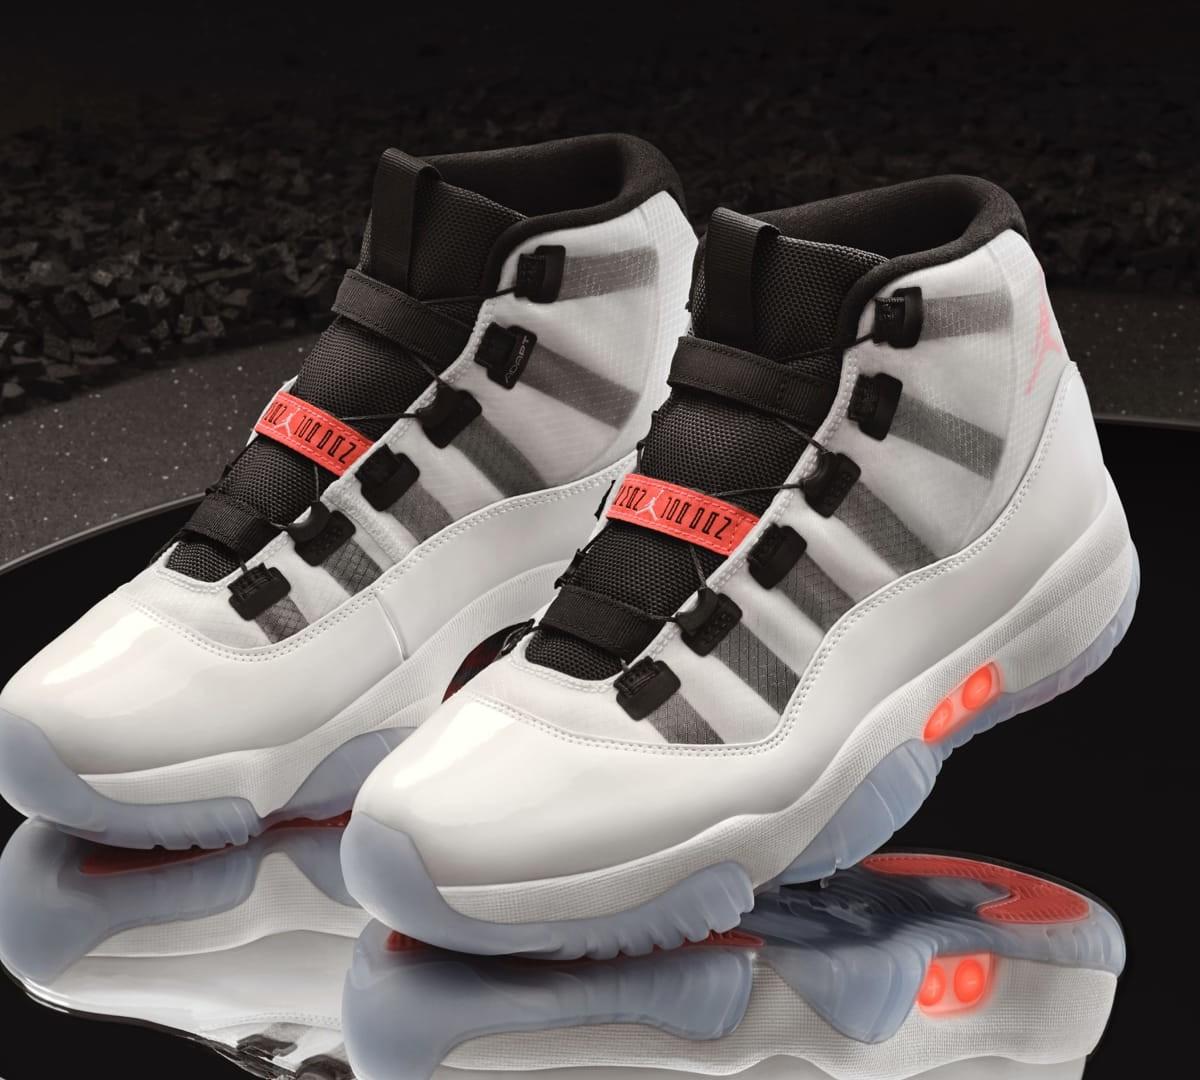 Nike Air Jordan XI Adapt Jumpman shoes provide self-lacing technology